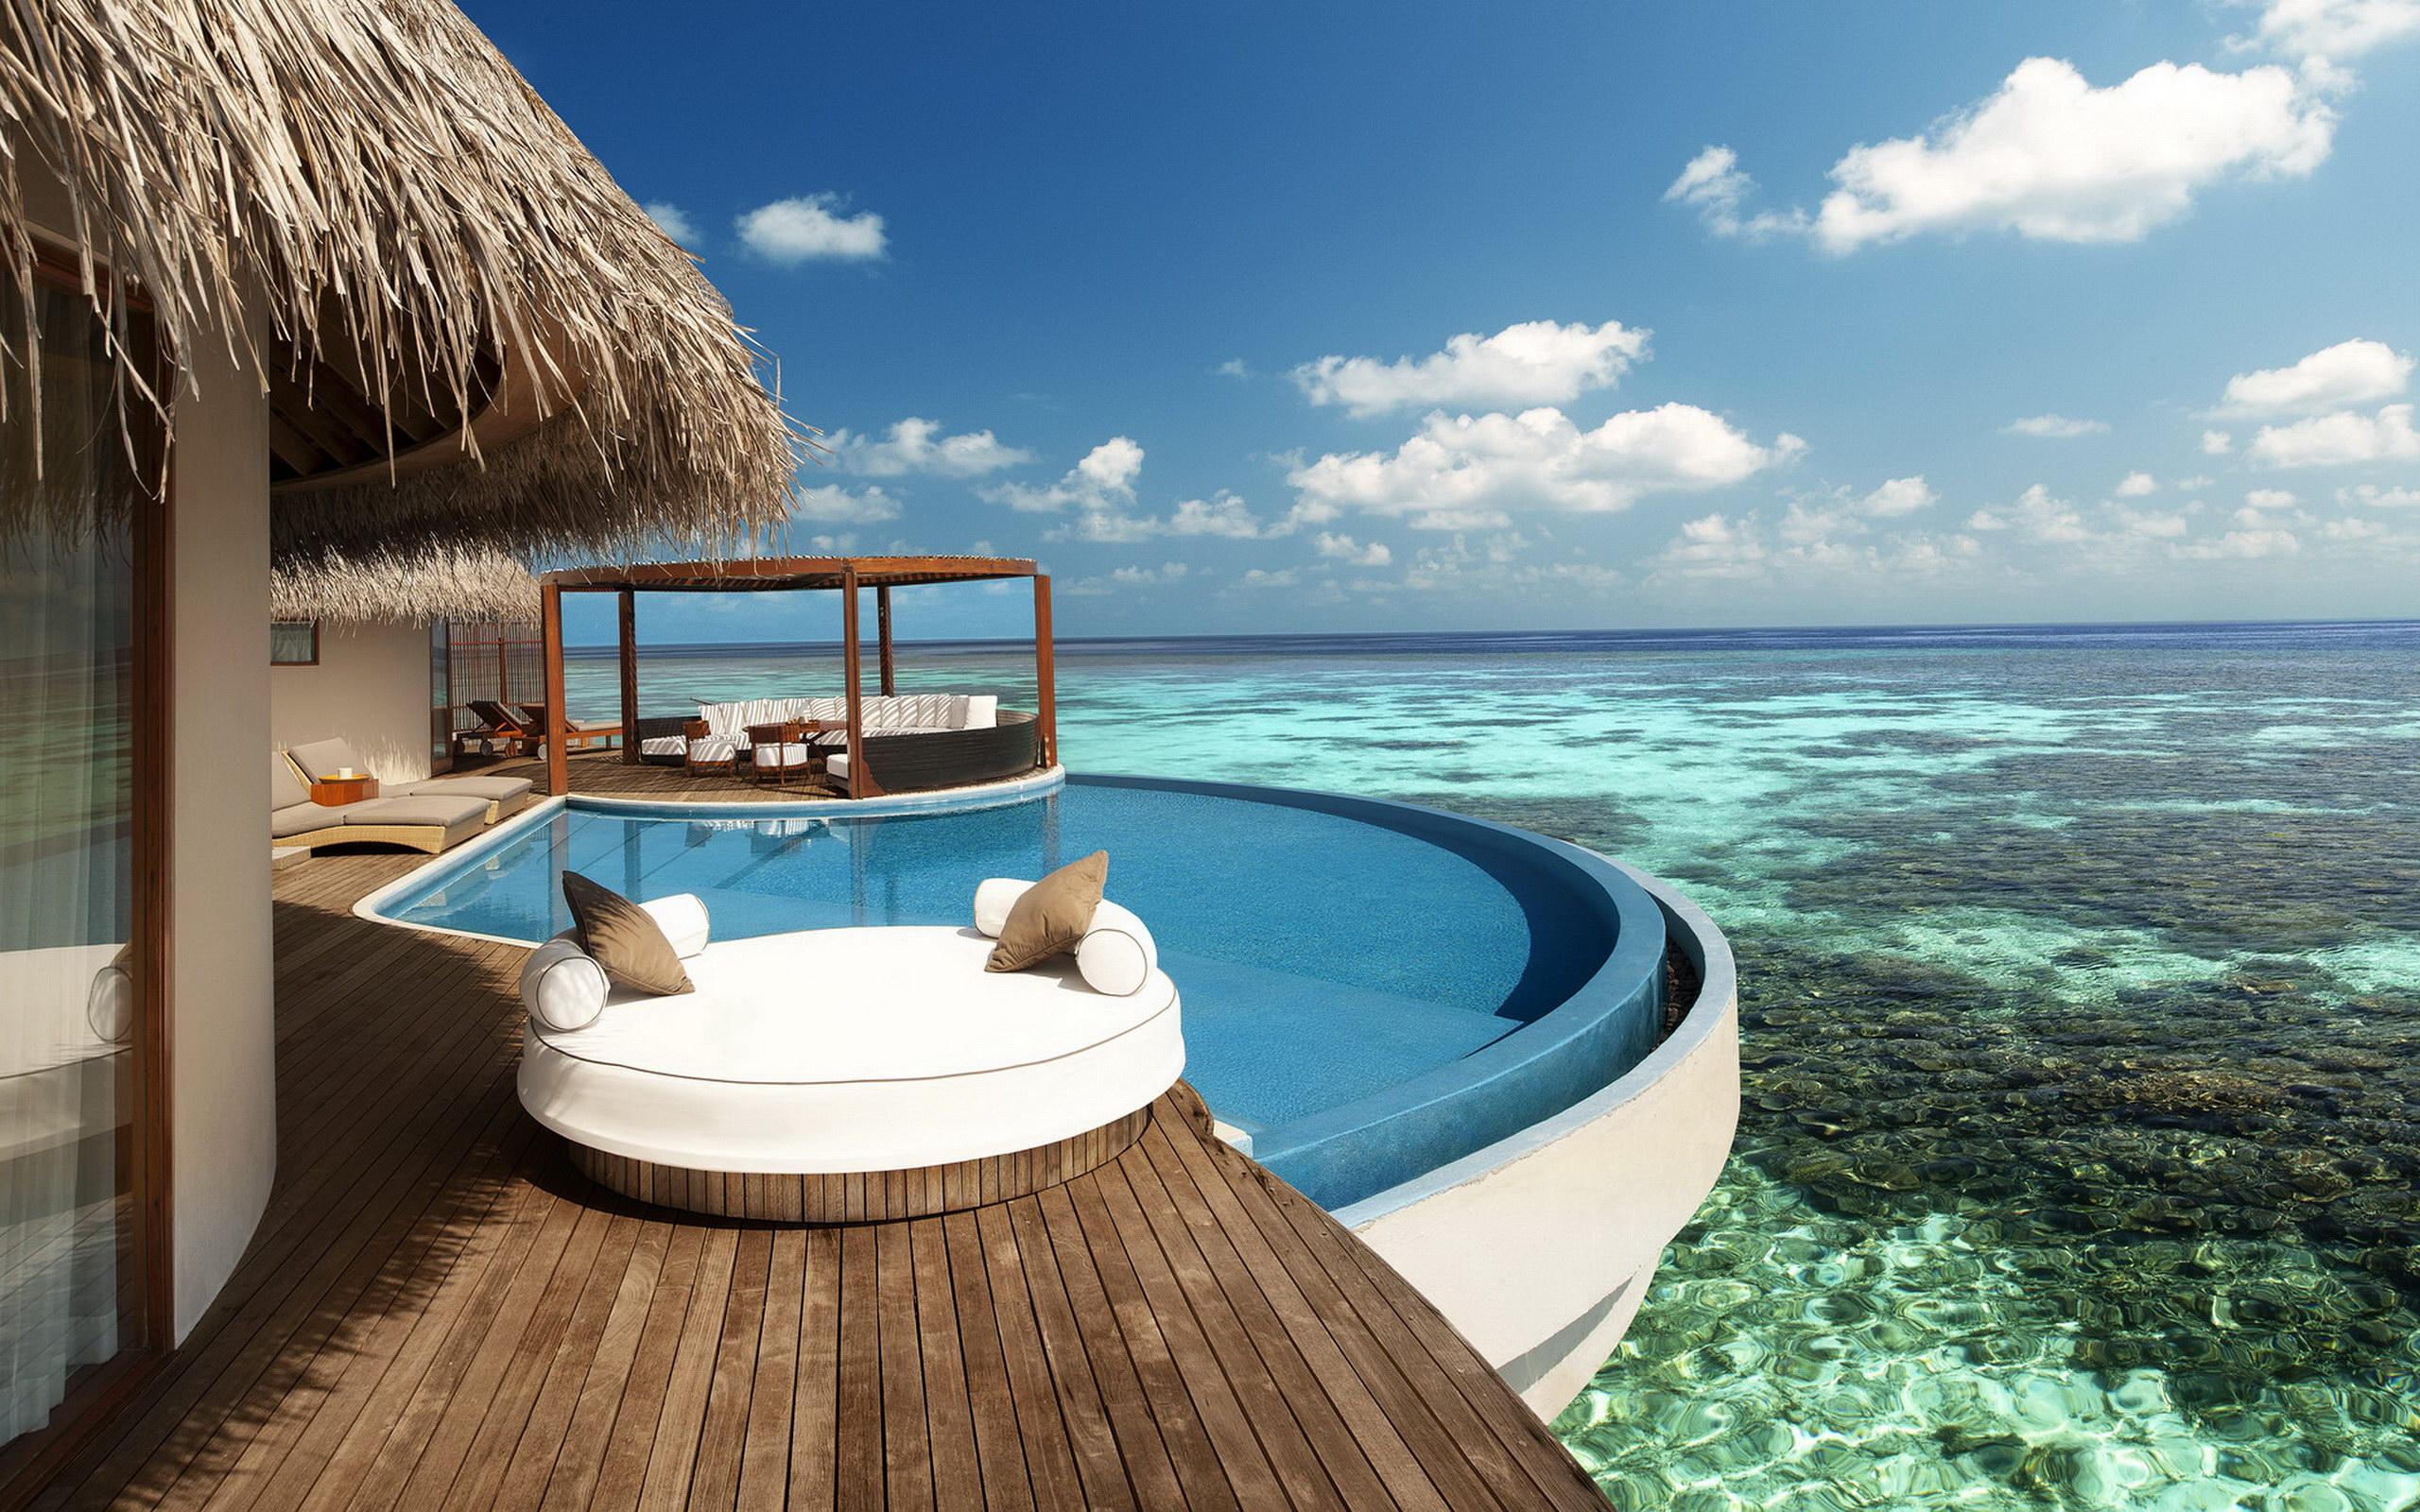 马尔代夫宁静岛;; 满月岛自由行攻略; 马尔代夫 海边风景